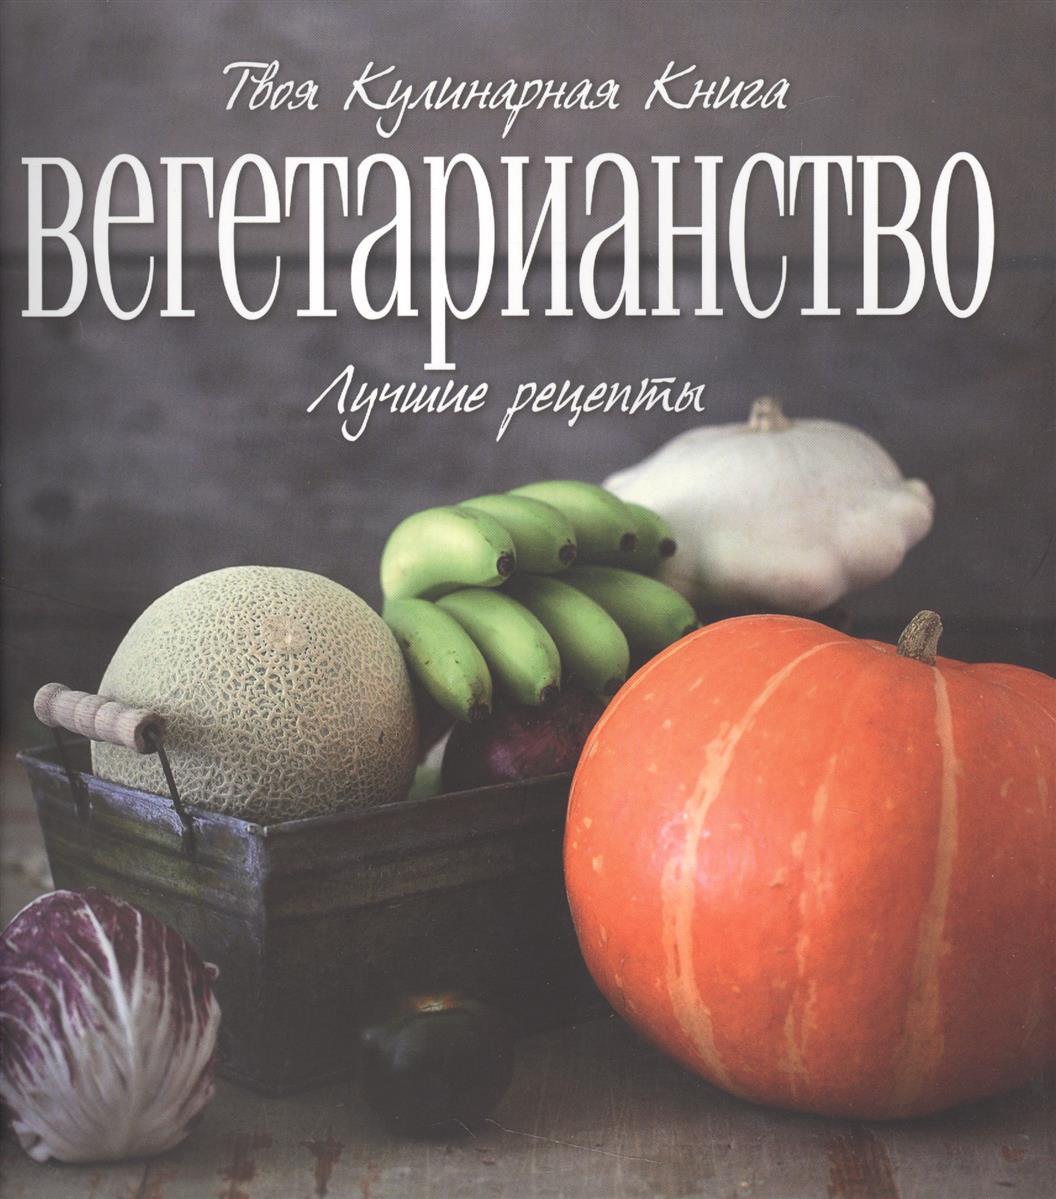 Шедевр О. Вегетарианство. Лучшие рецепты готовим просто и вкусно лучшие рецепты 20 брошюр